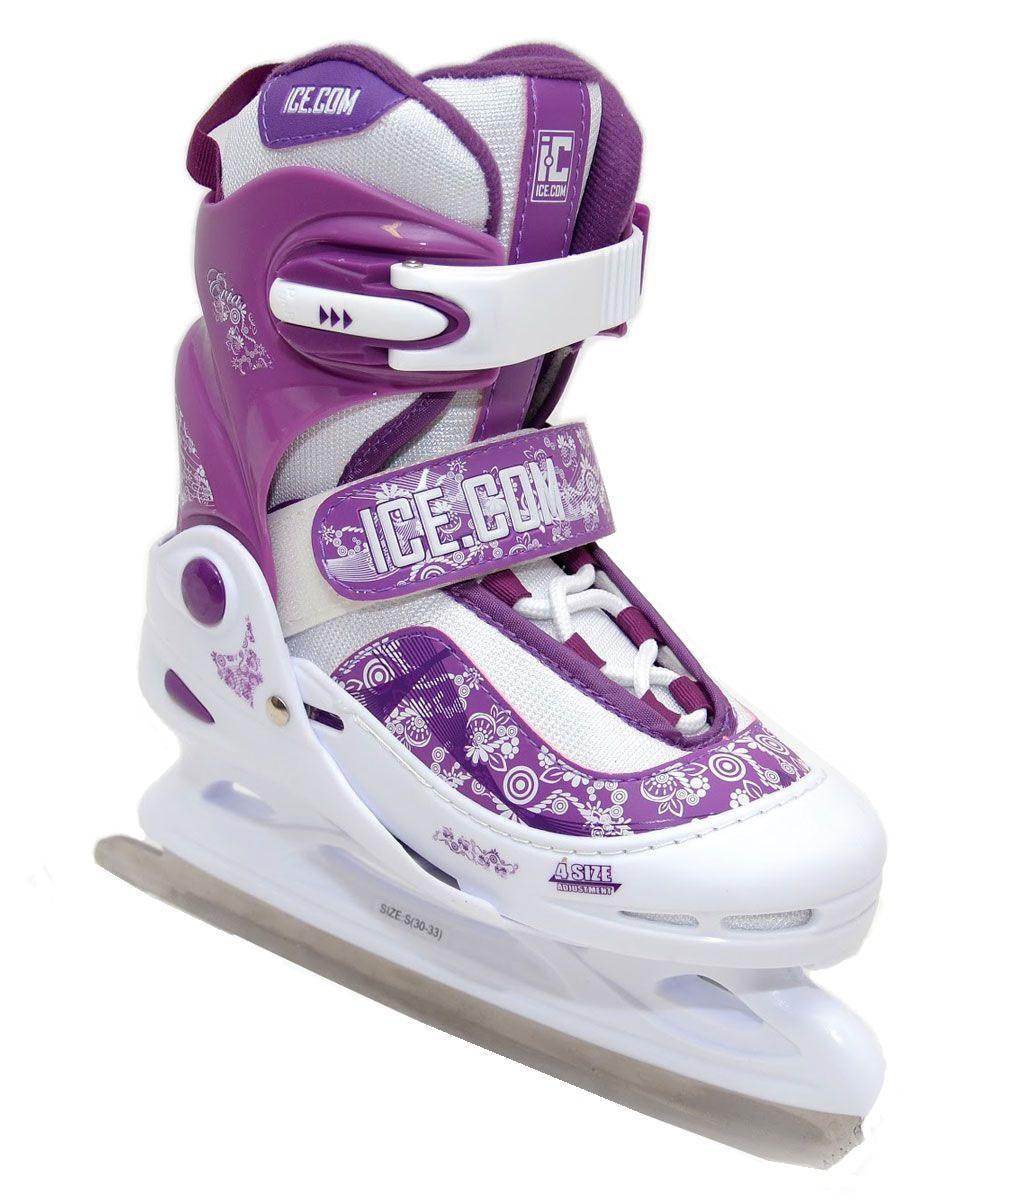 Коньки ледовые женские Ice.Com Evia, раздвижные, цвет: сиреневый, белый. Размер 38/41